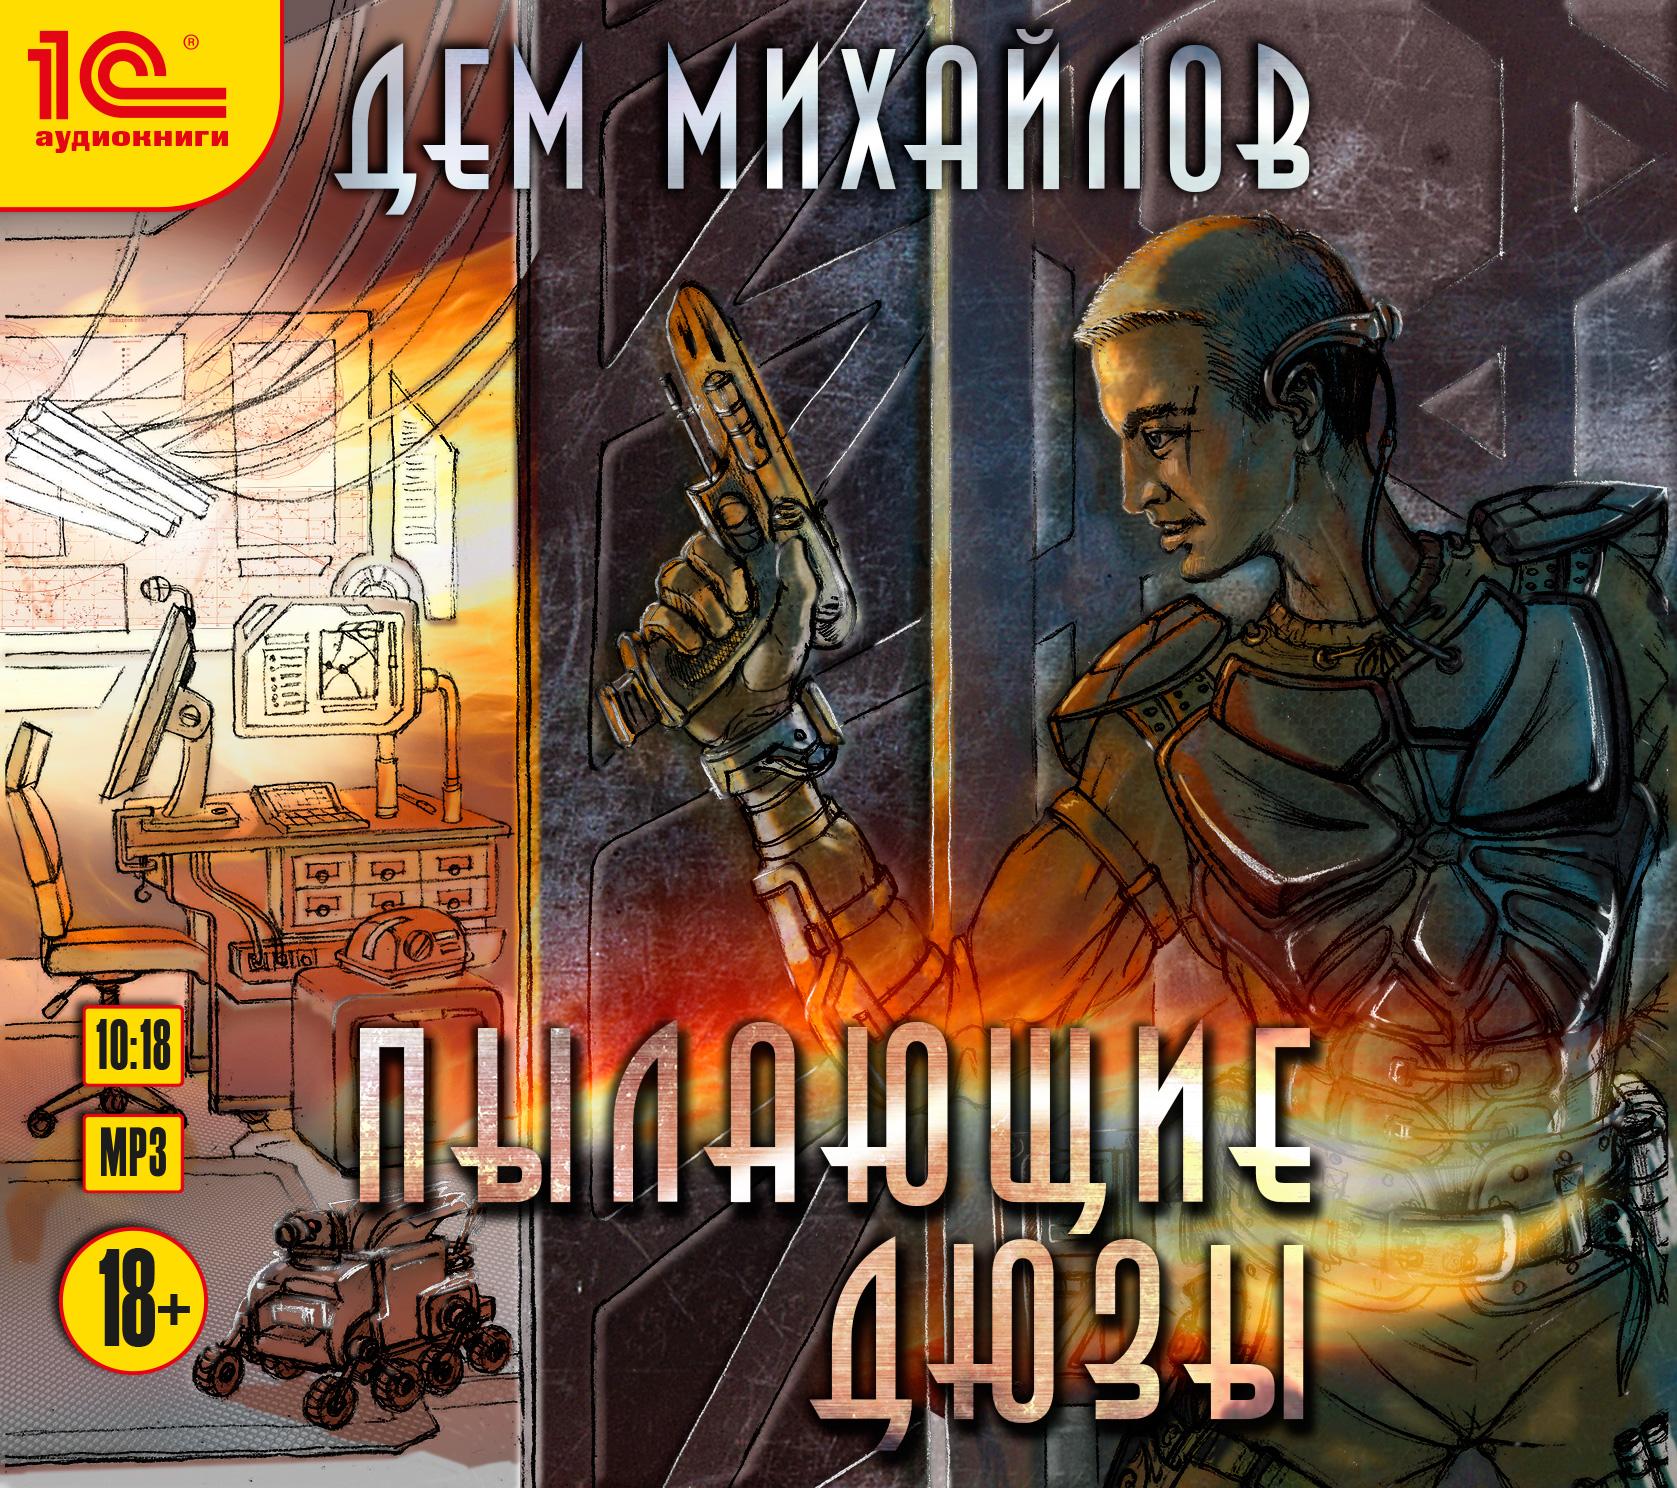 Дем Михайлов Пылающие Дюзы дем михайлов темнотропье